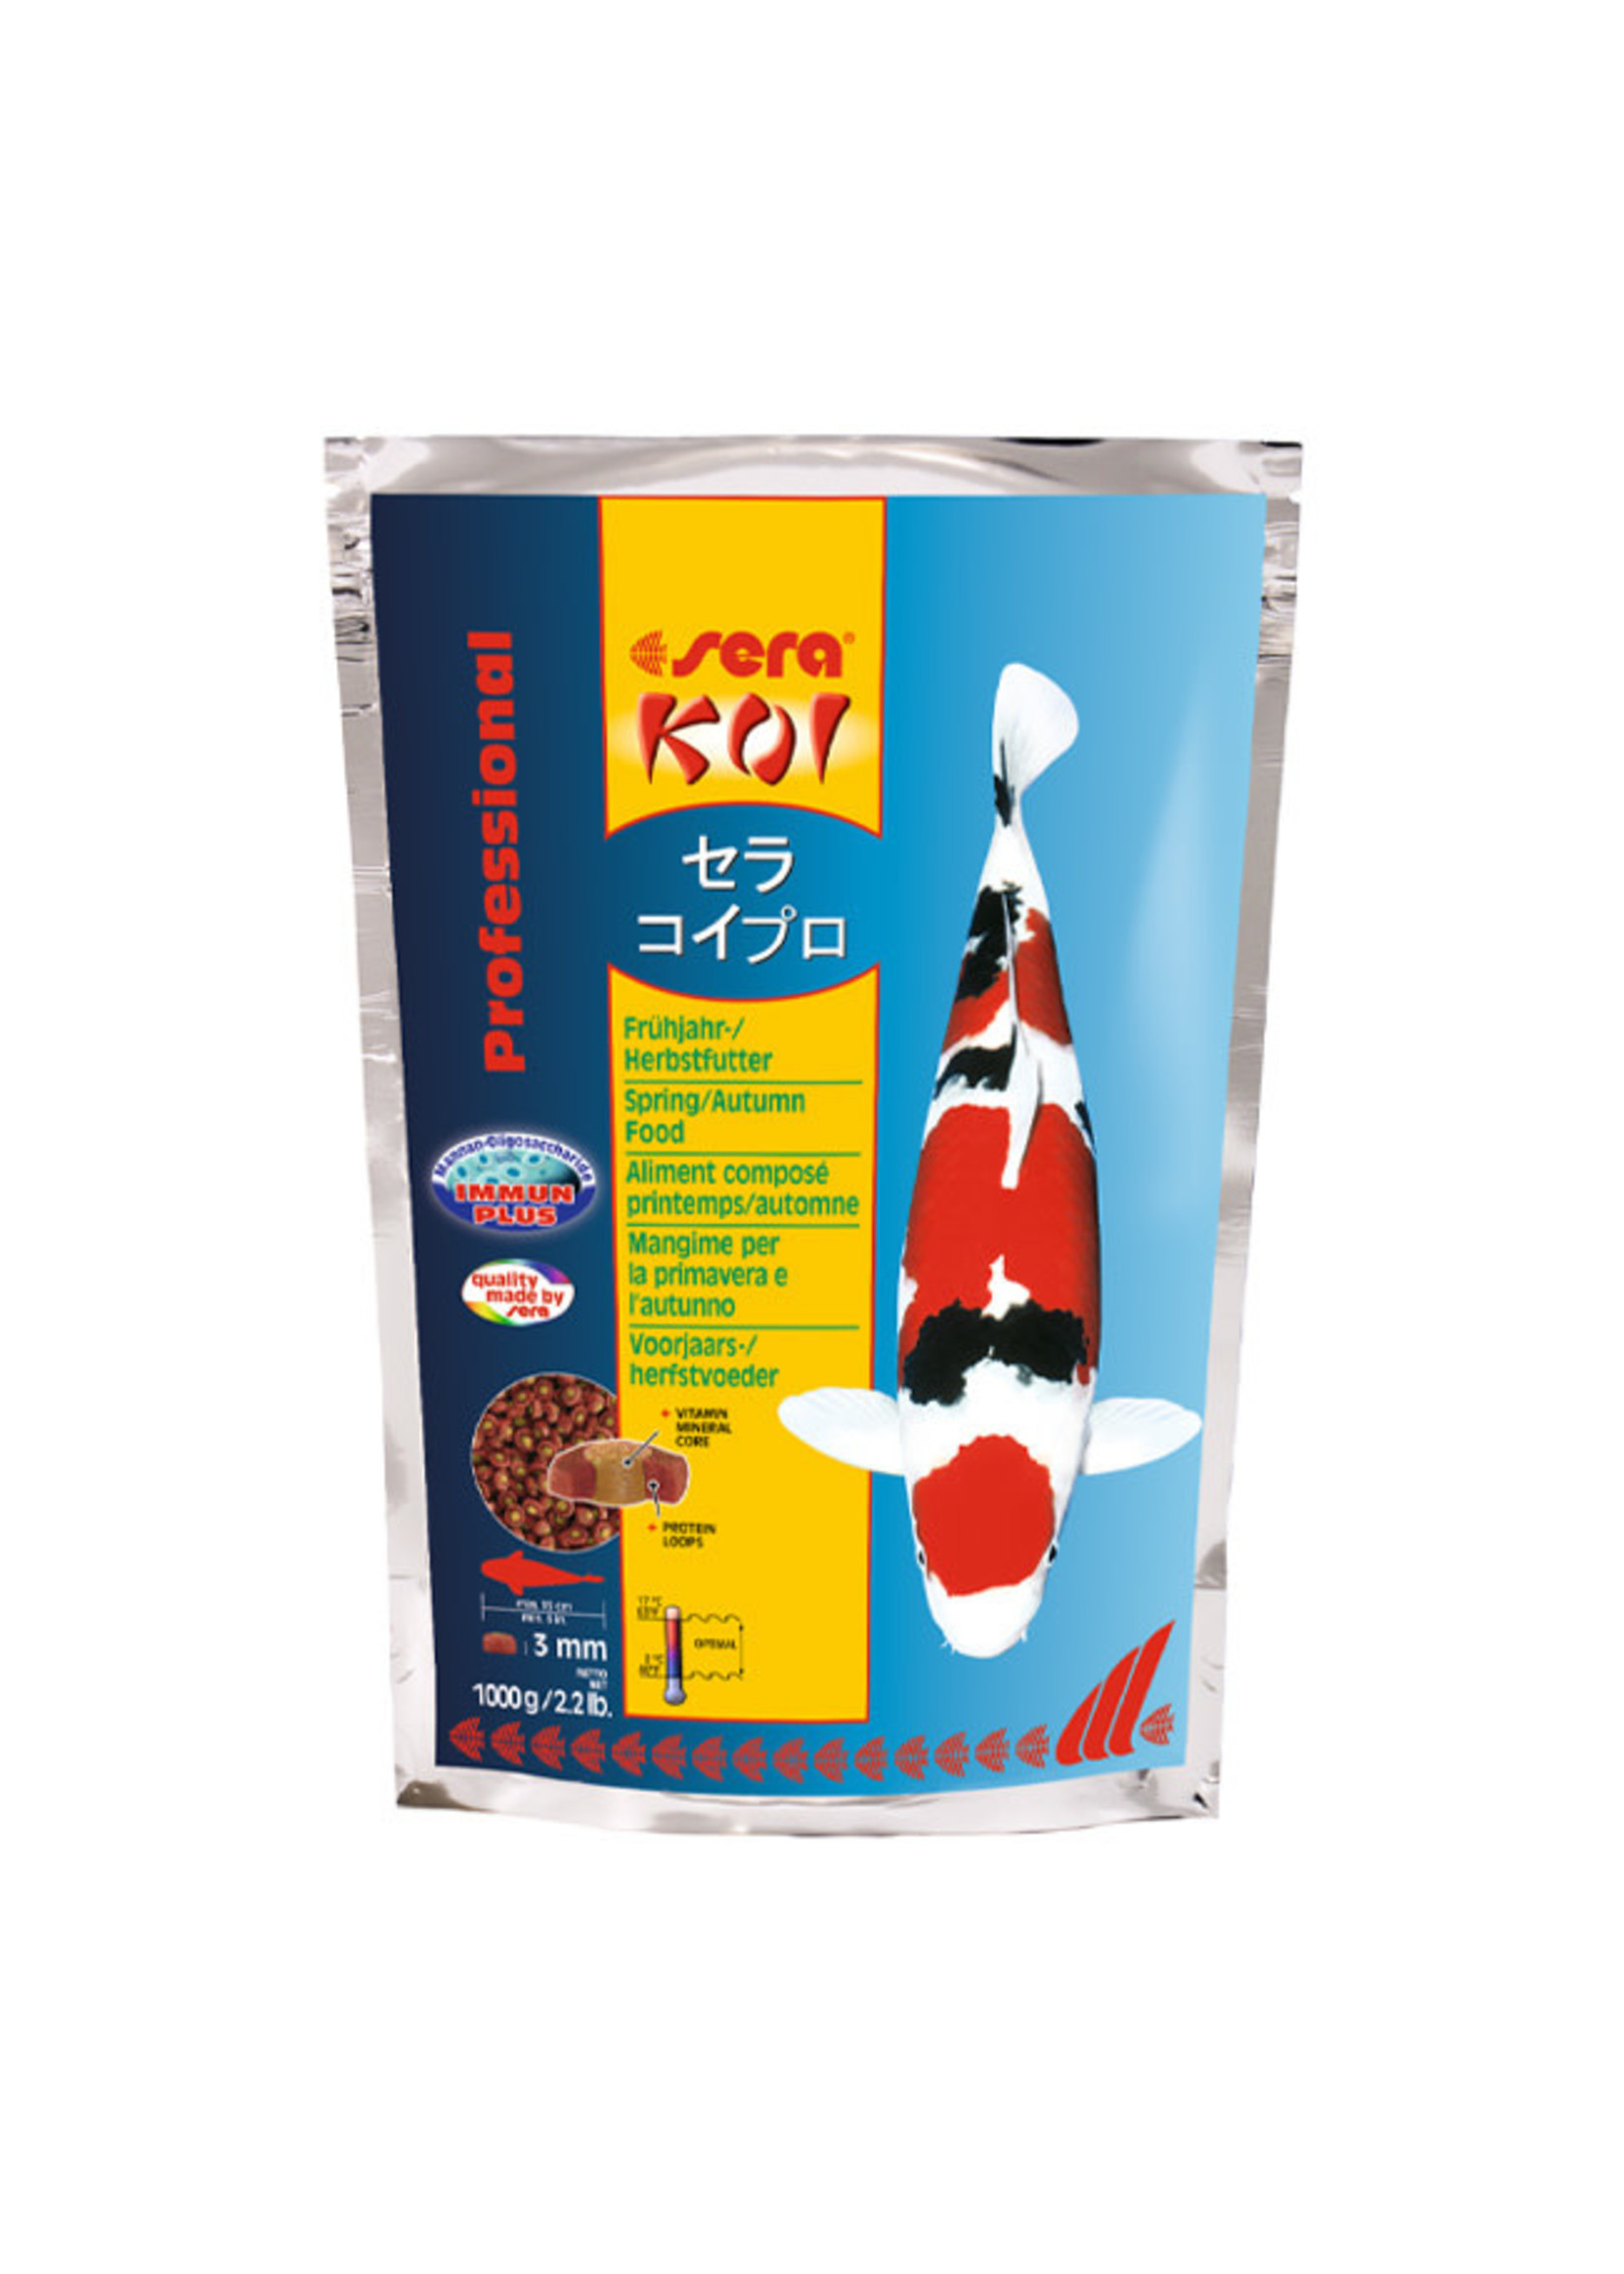 sera sera Koi Professional Spring / Autumn Food 1000g / 2.2lb